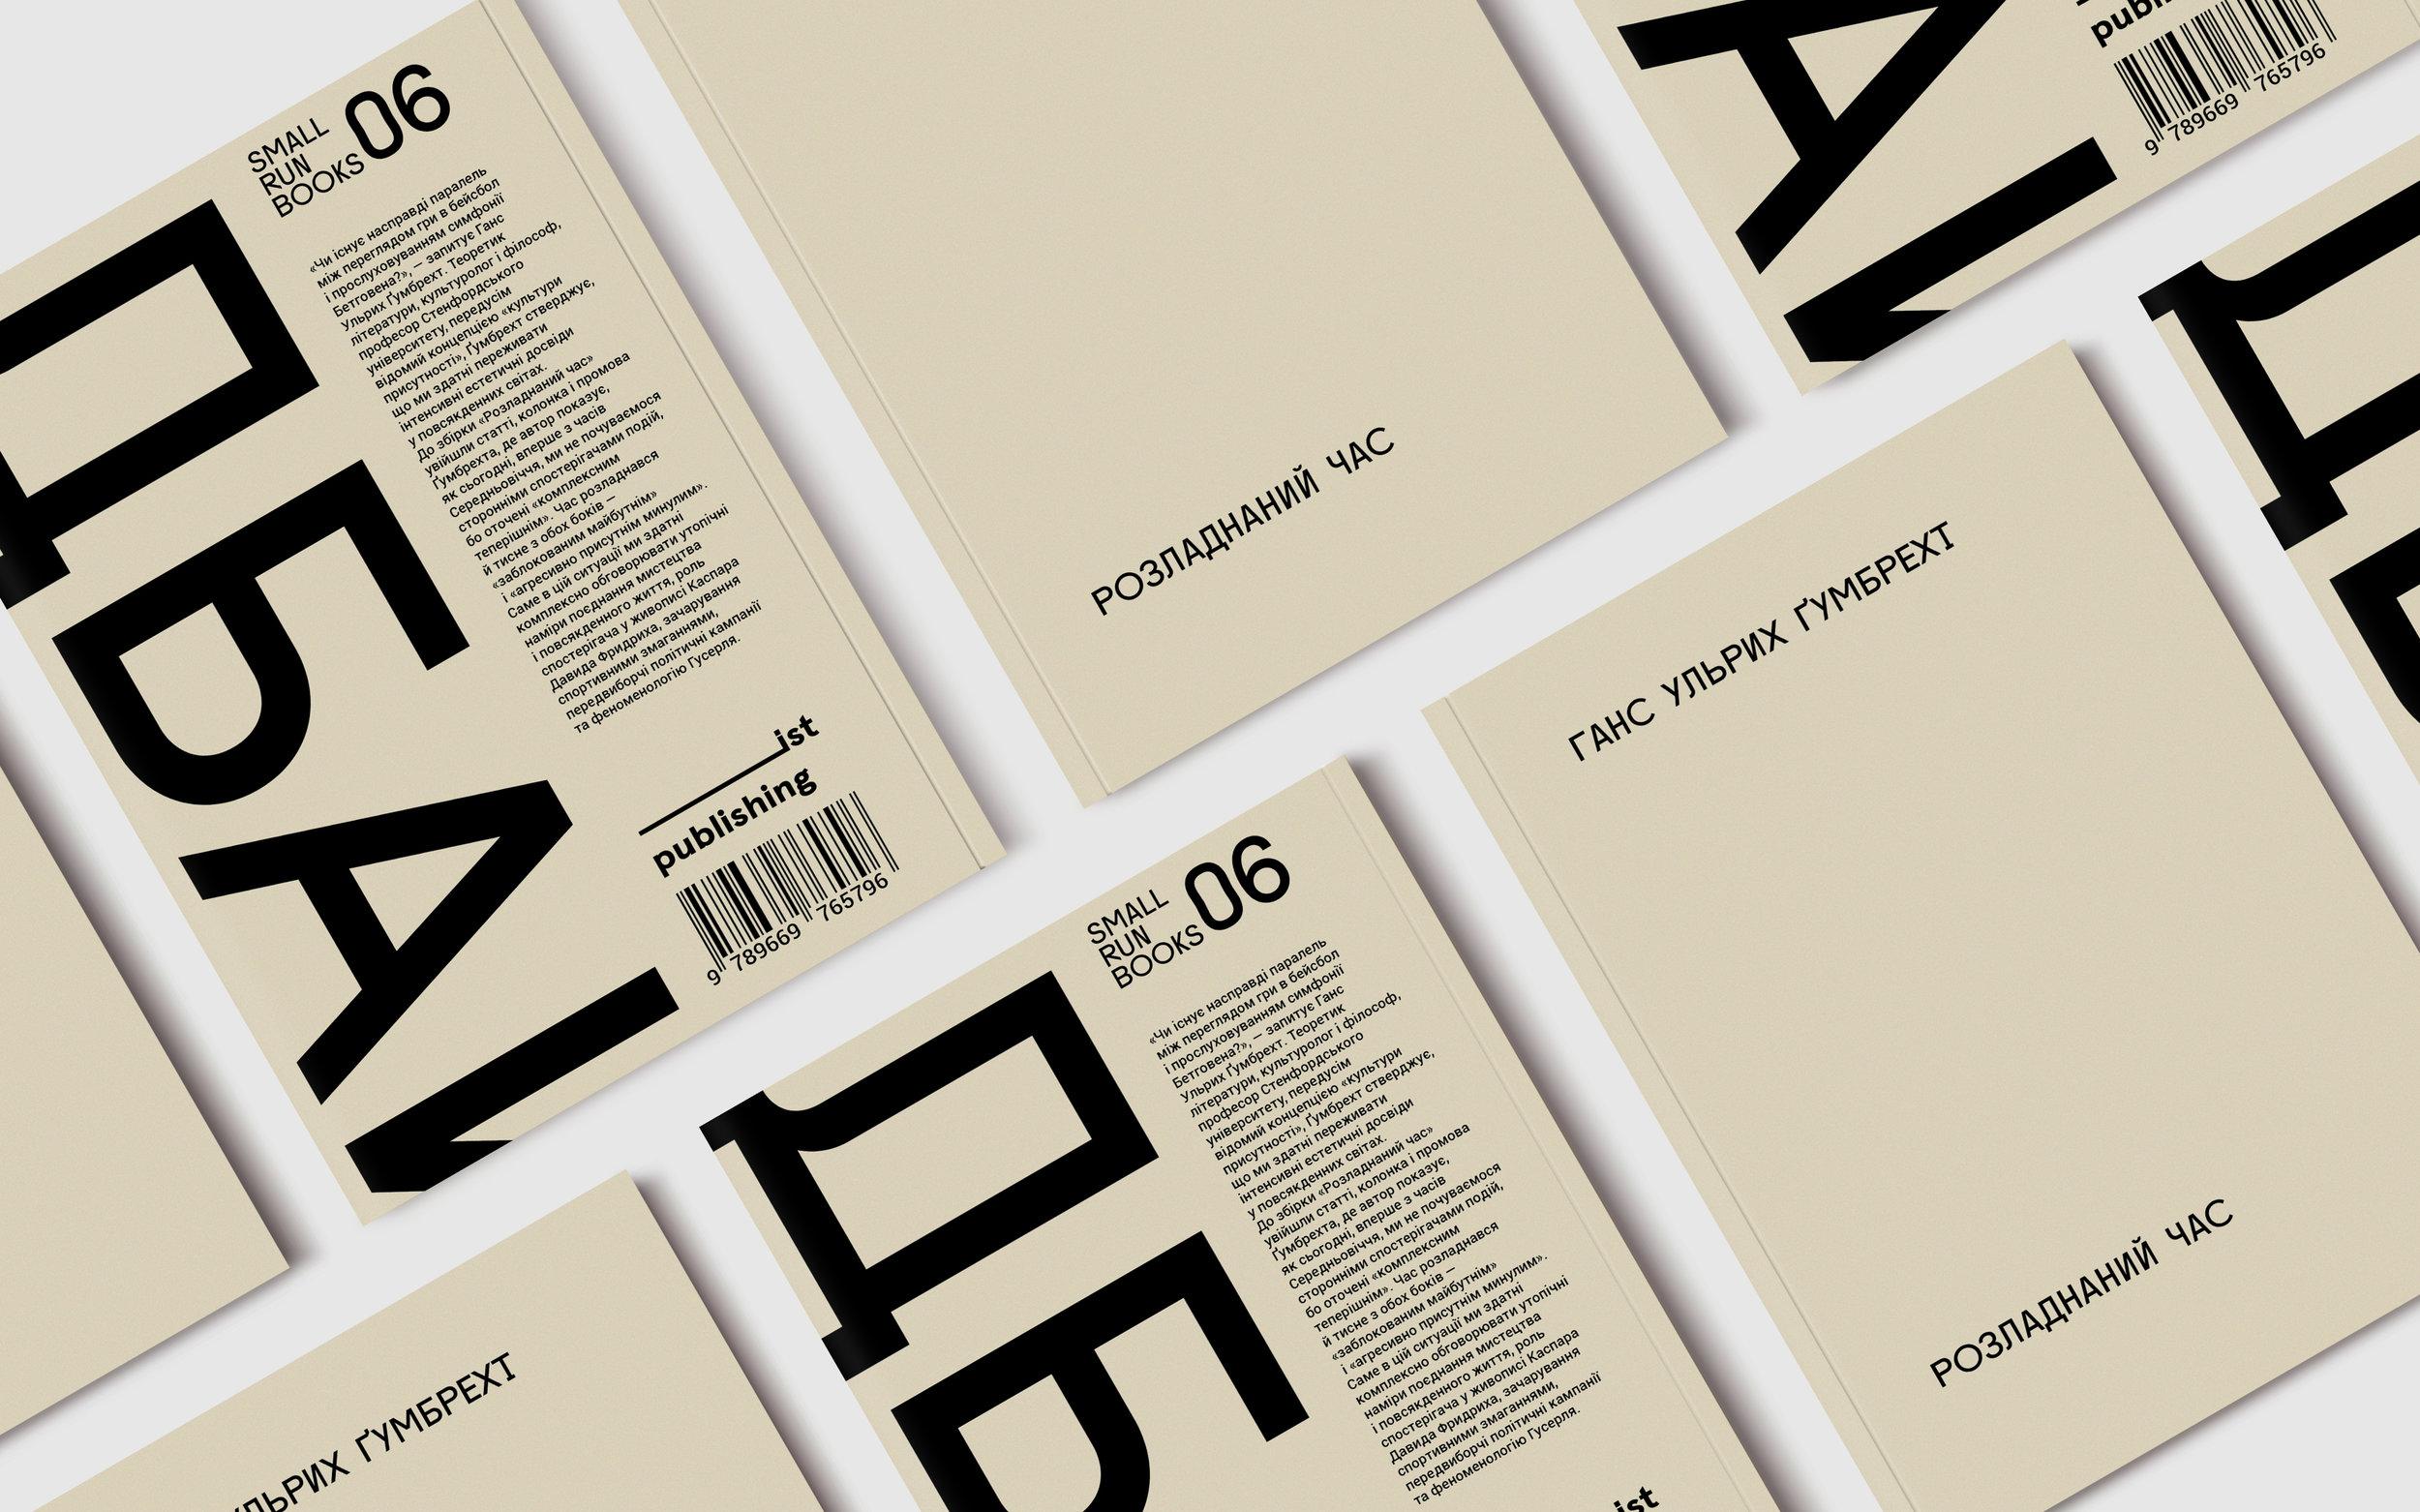 Частина з нової книги IST Publishing «Розладнаний час» Ганс Ульрих Ґумбрехт